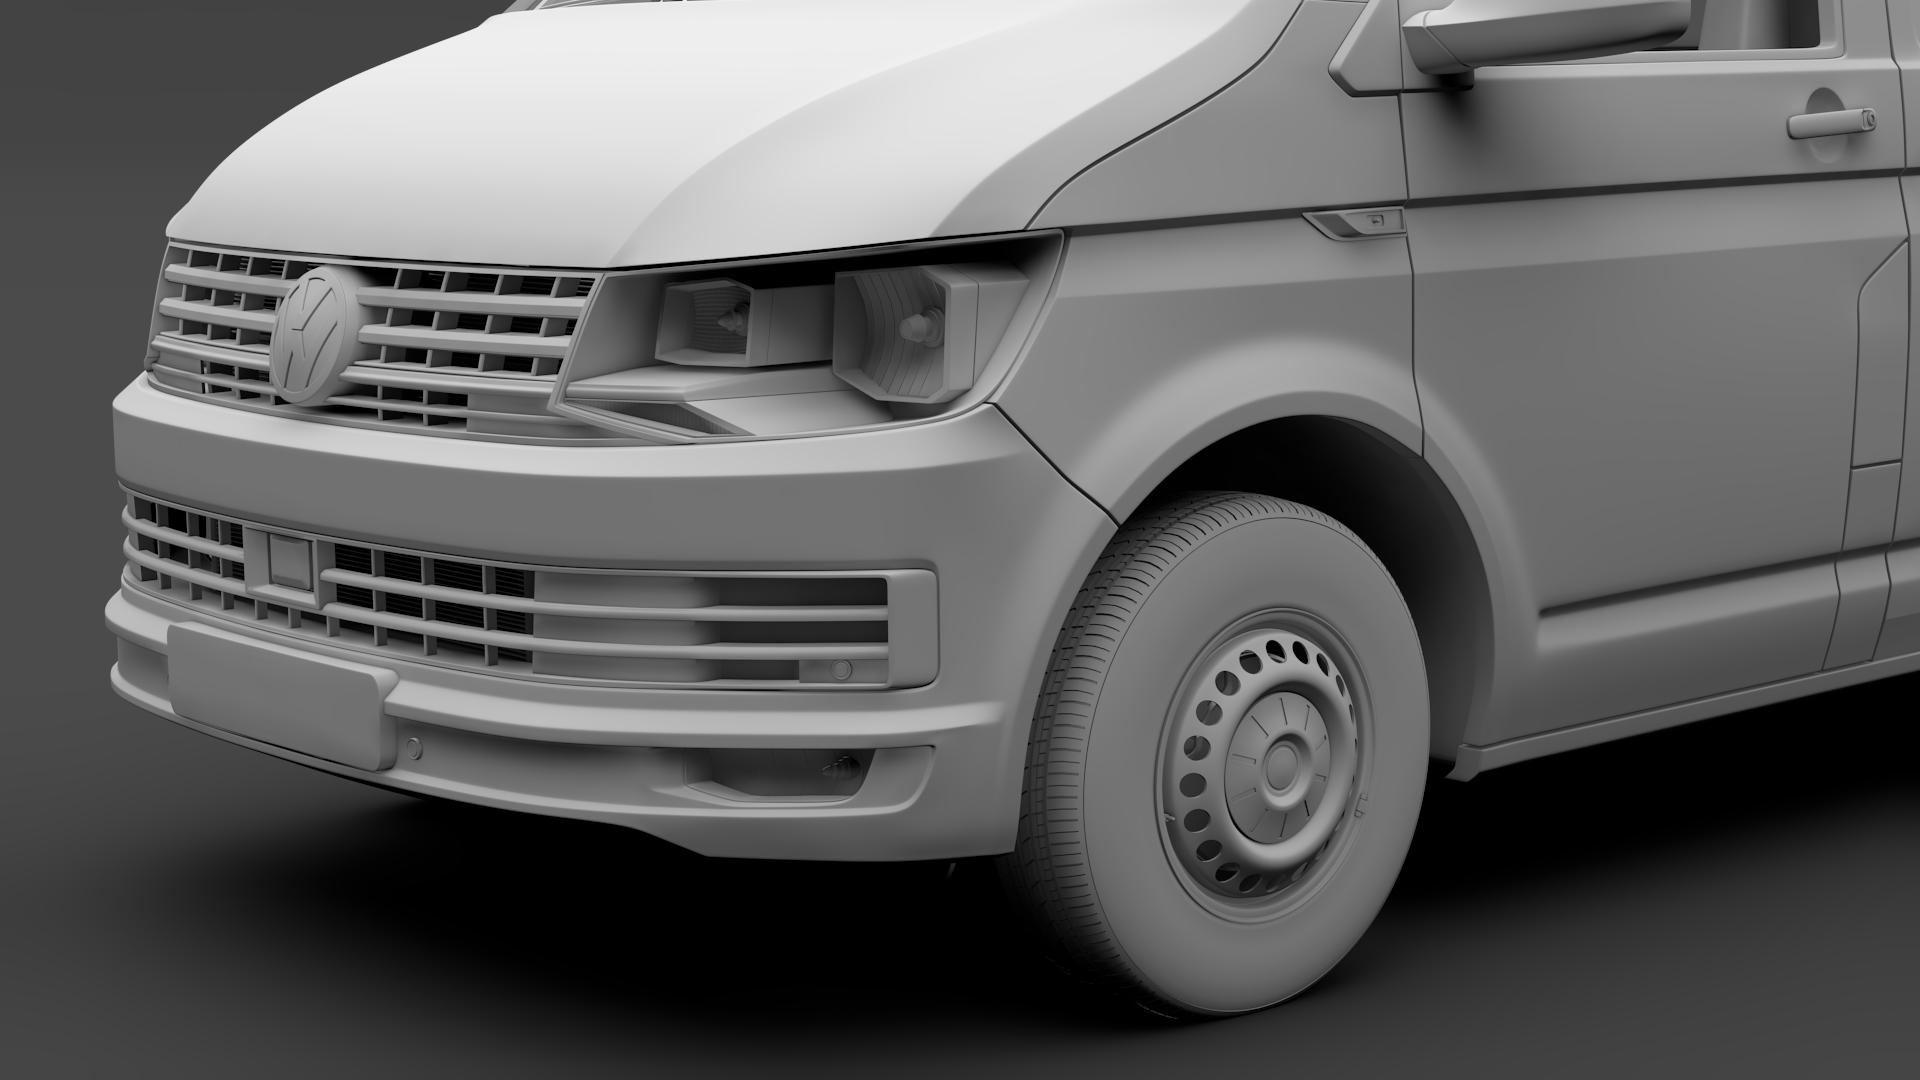 volkswagen transporter van l2h3 t6 2017 3d model max fbx c4d lwo ma mb hrc xsi obj 275300